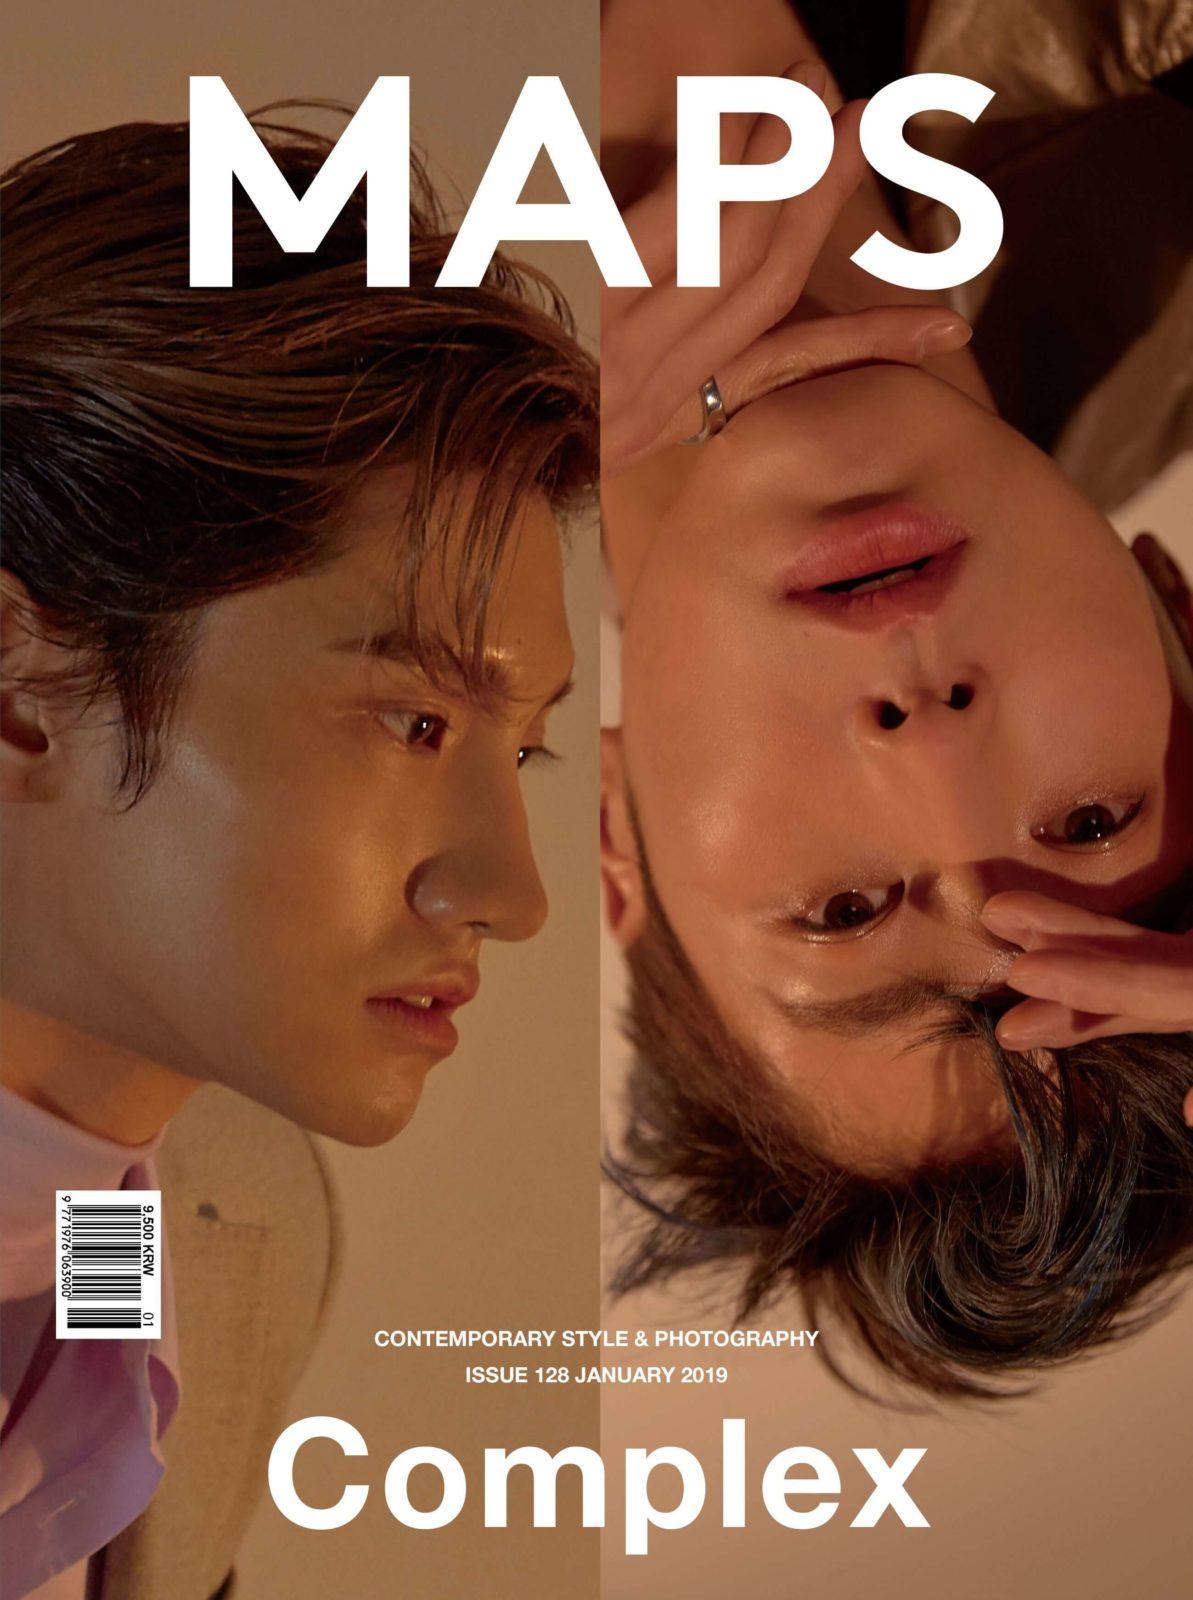 東方神起が表紙を飾った『MAPS』が限定200冊販売&SUPER JUNIOR・イェソンが表紙の4月号も日韓同時発売サムネイル画像